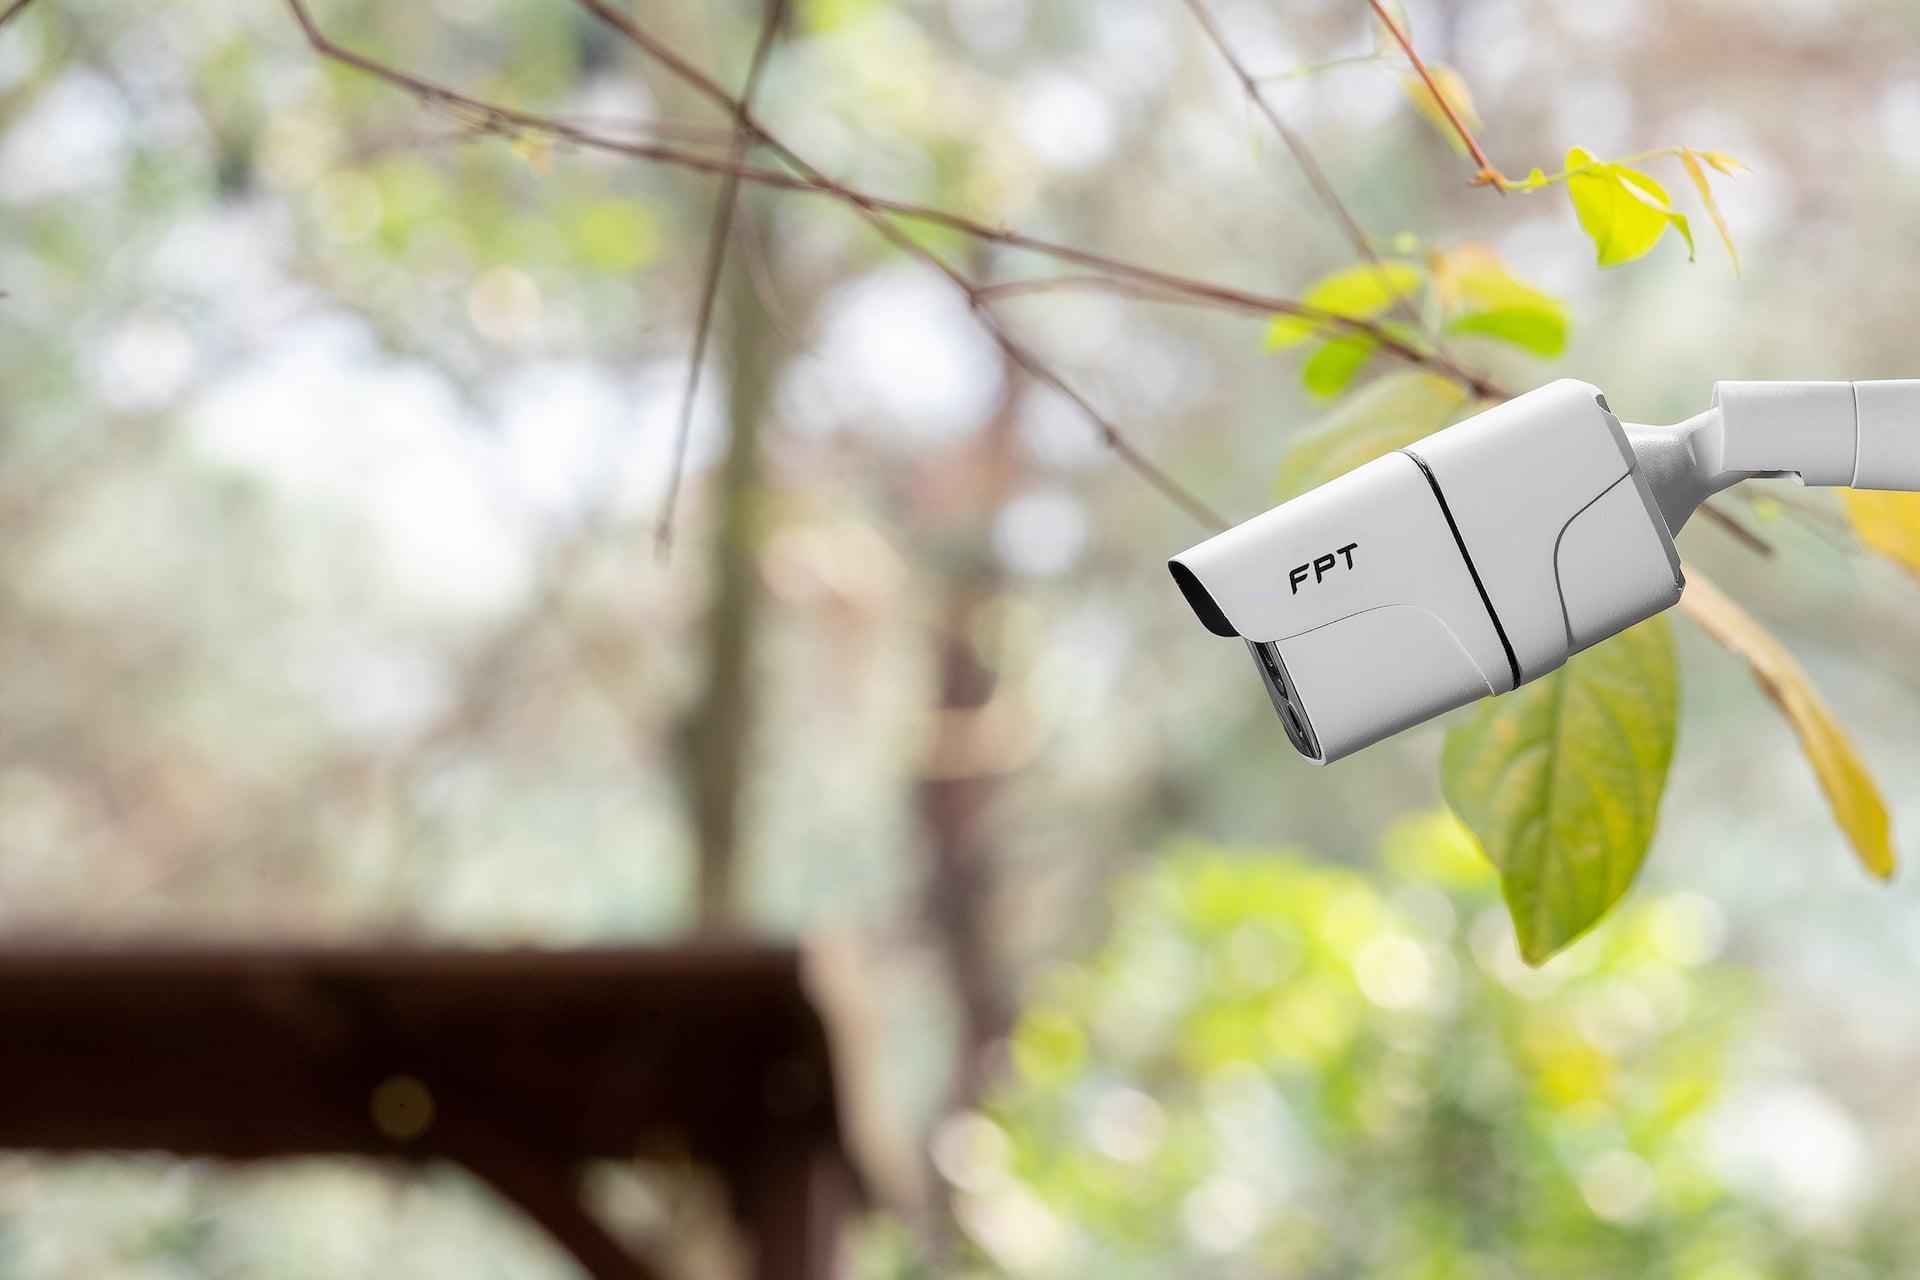 Ra mắt FPT Camera IQ nhận diện thông minh, dùng trí tuệ nhân tạo